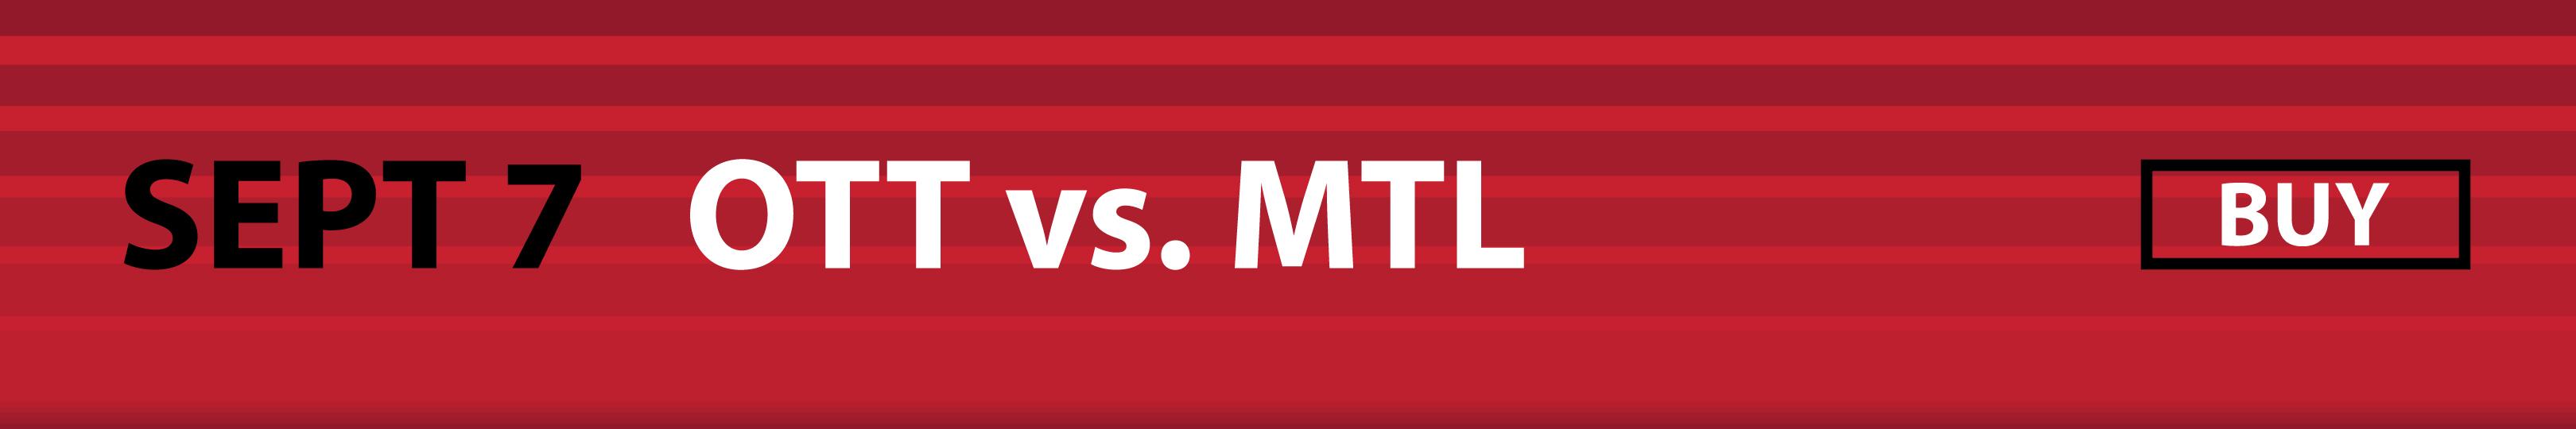 September 7 - Ottawa Senators vs. Montreal Canadiens